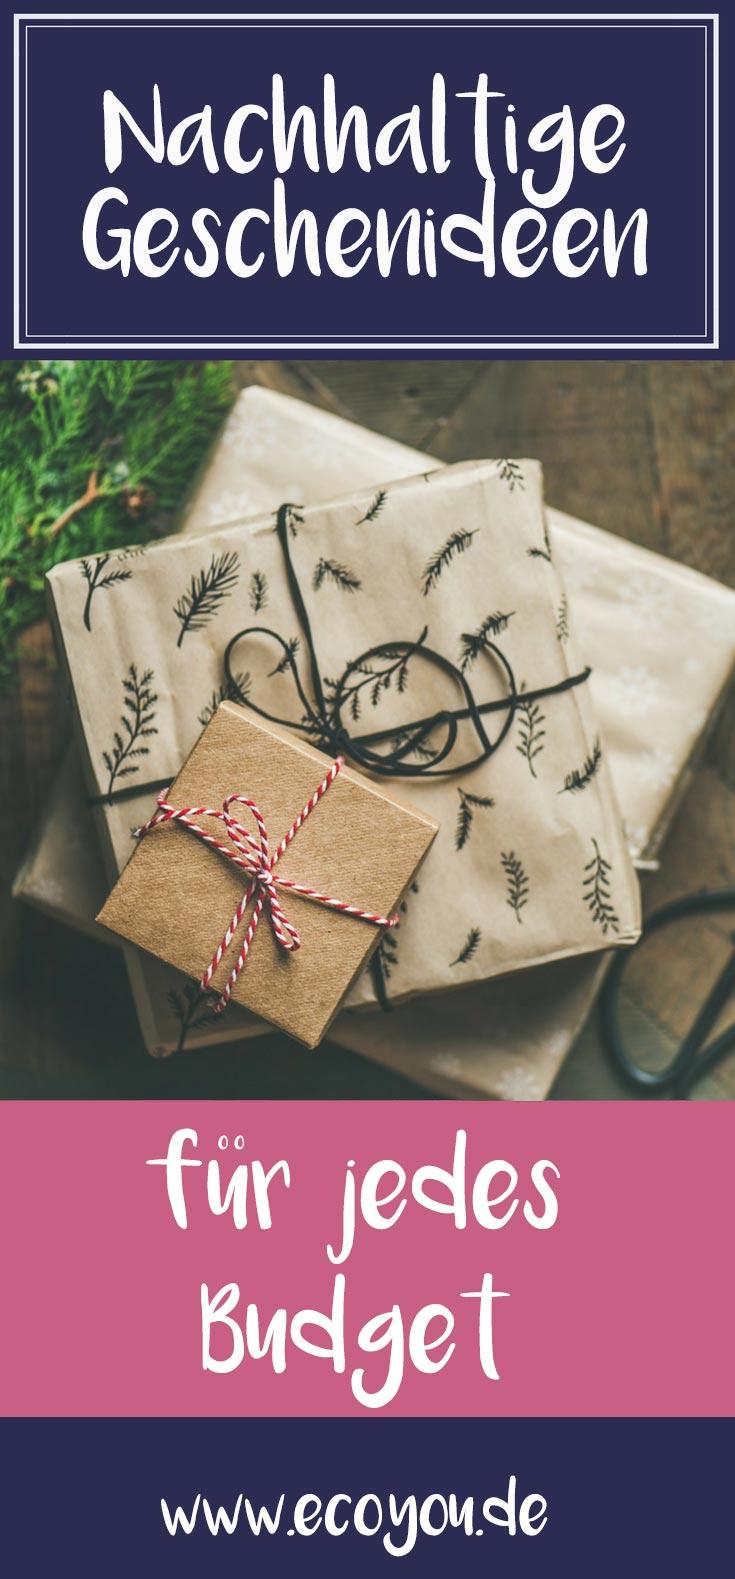 Nachhaltige & Sinnvolle Geschenke über die sich Jeder freut I EcoYou